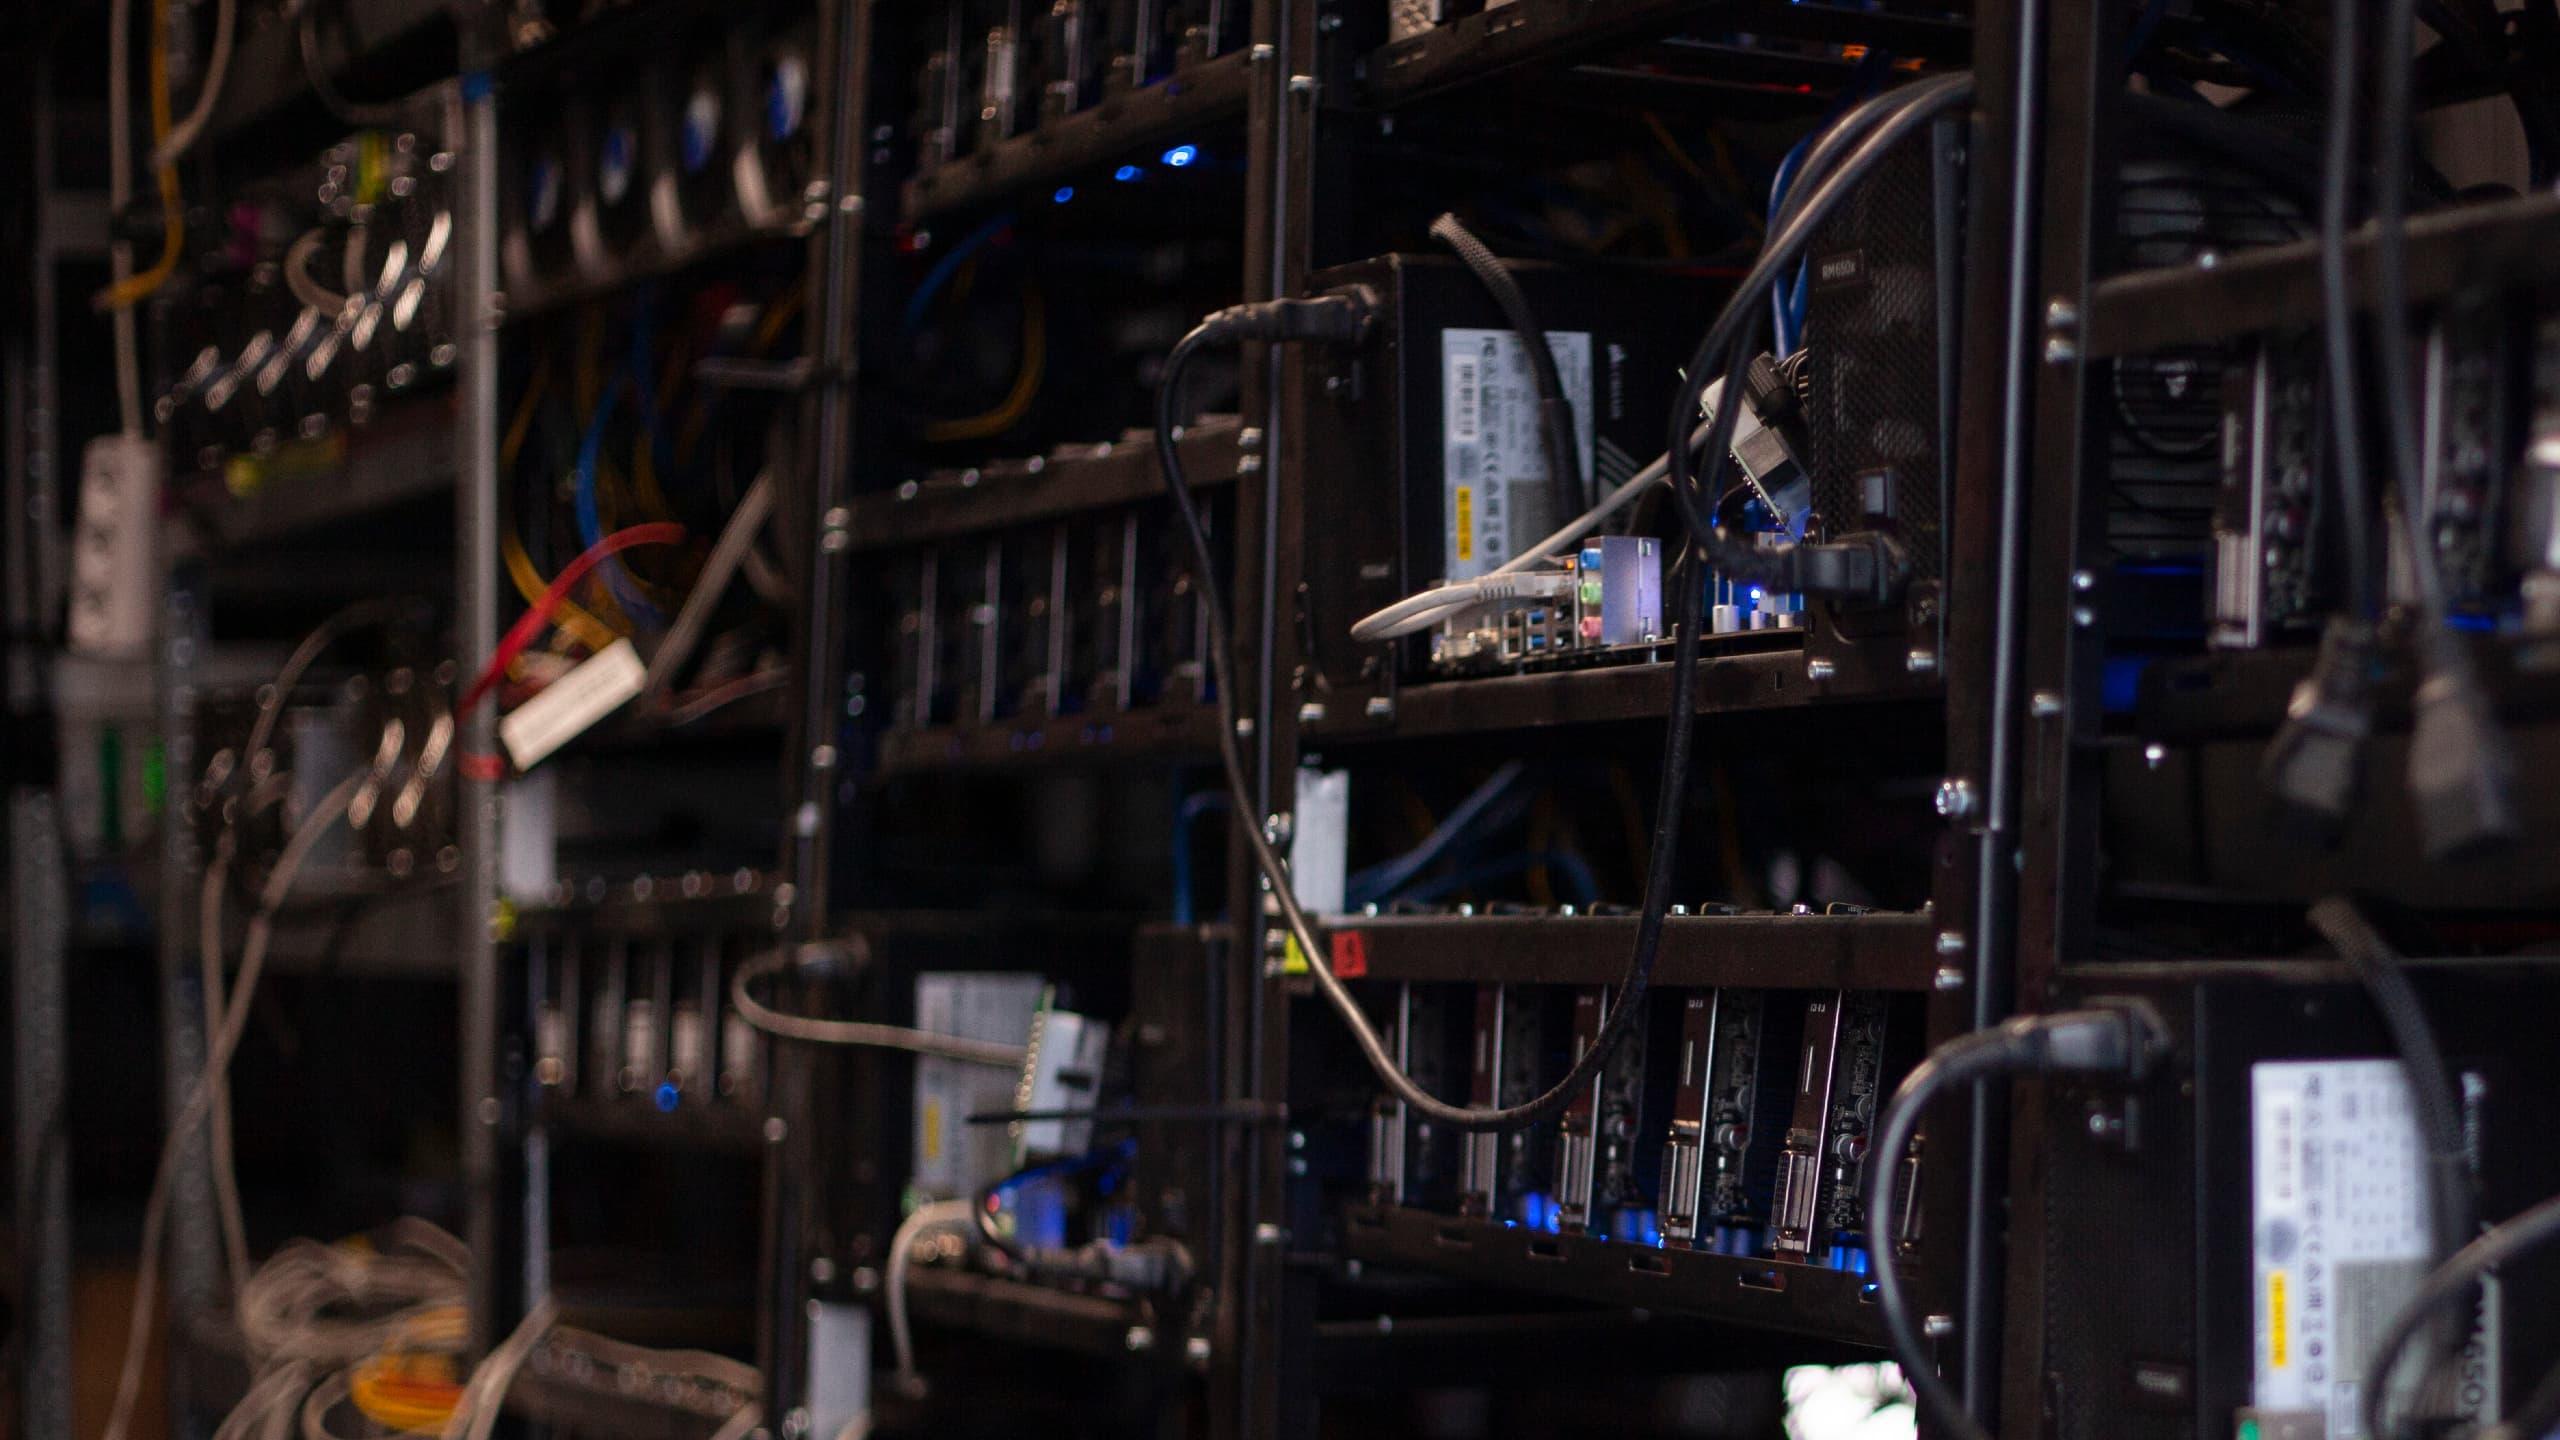 Setki koparek kryptowalut w specjalnie do tego przeznaczonej szafie metalowej